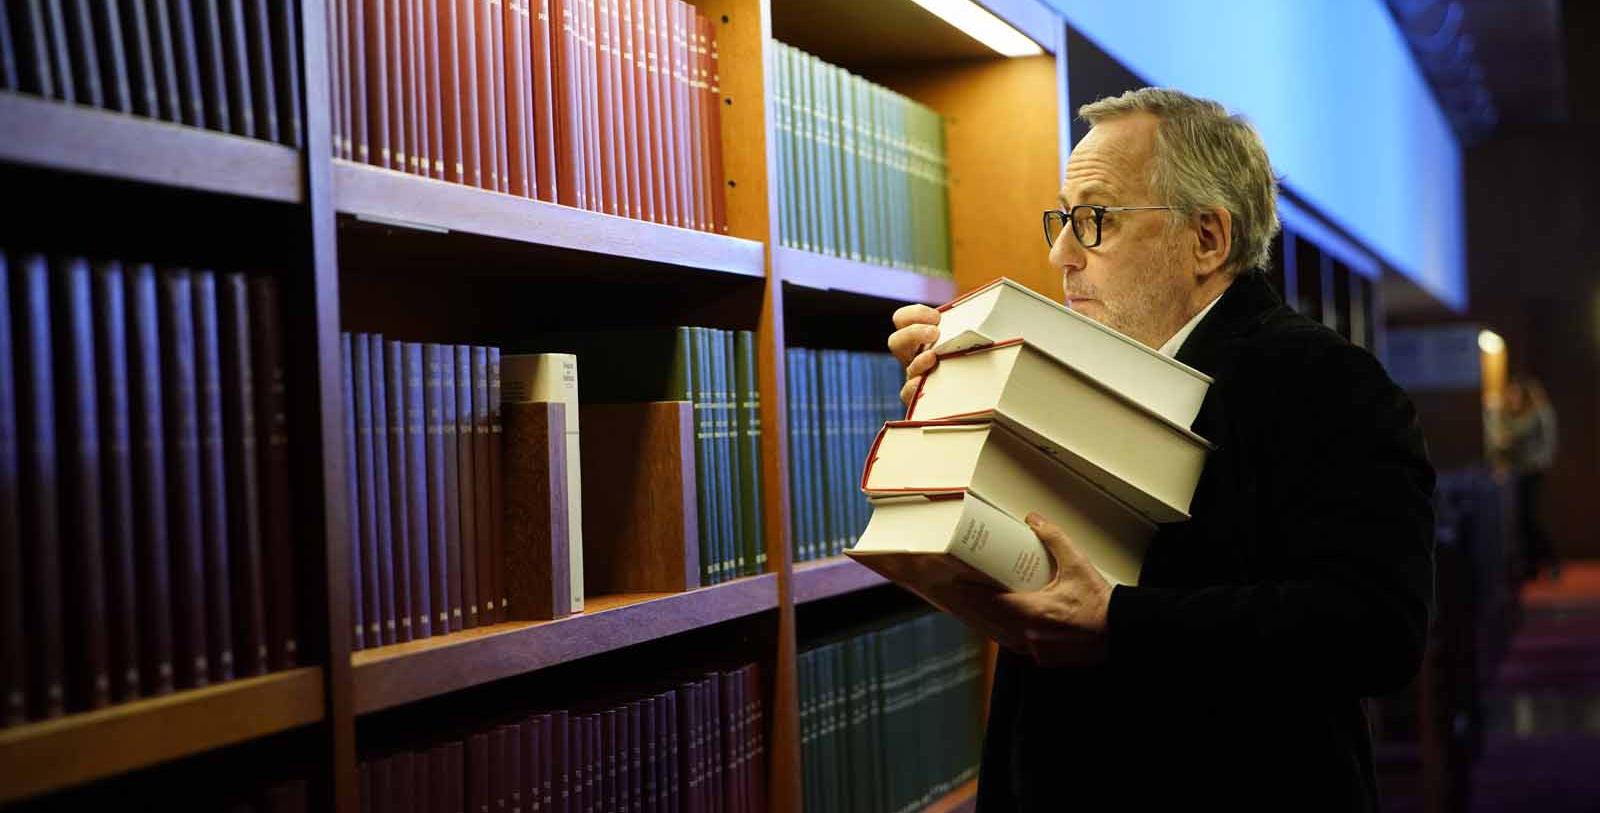 Fabrice Luchini fait des réserves en prévision du confinement © Gaumont